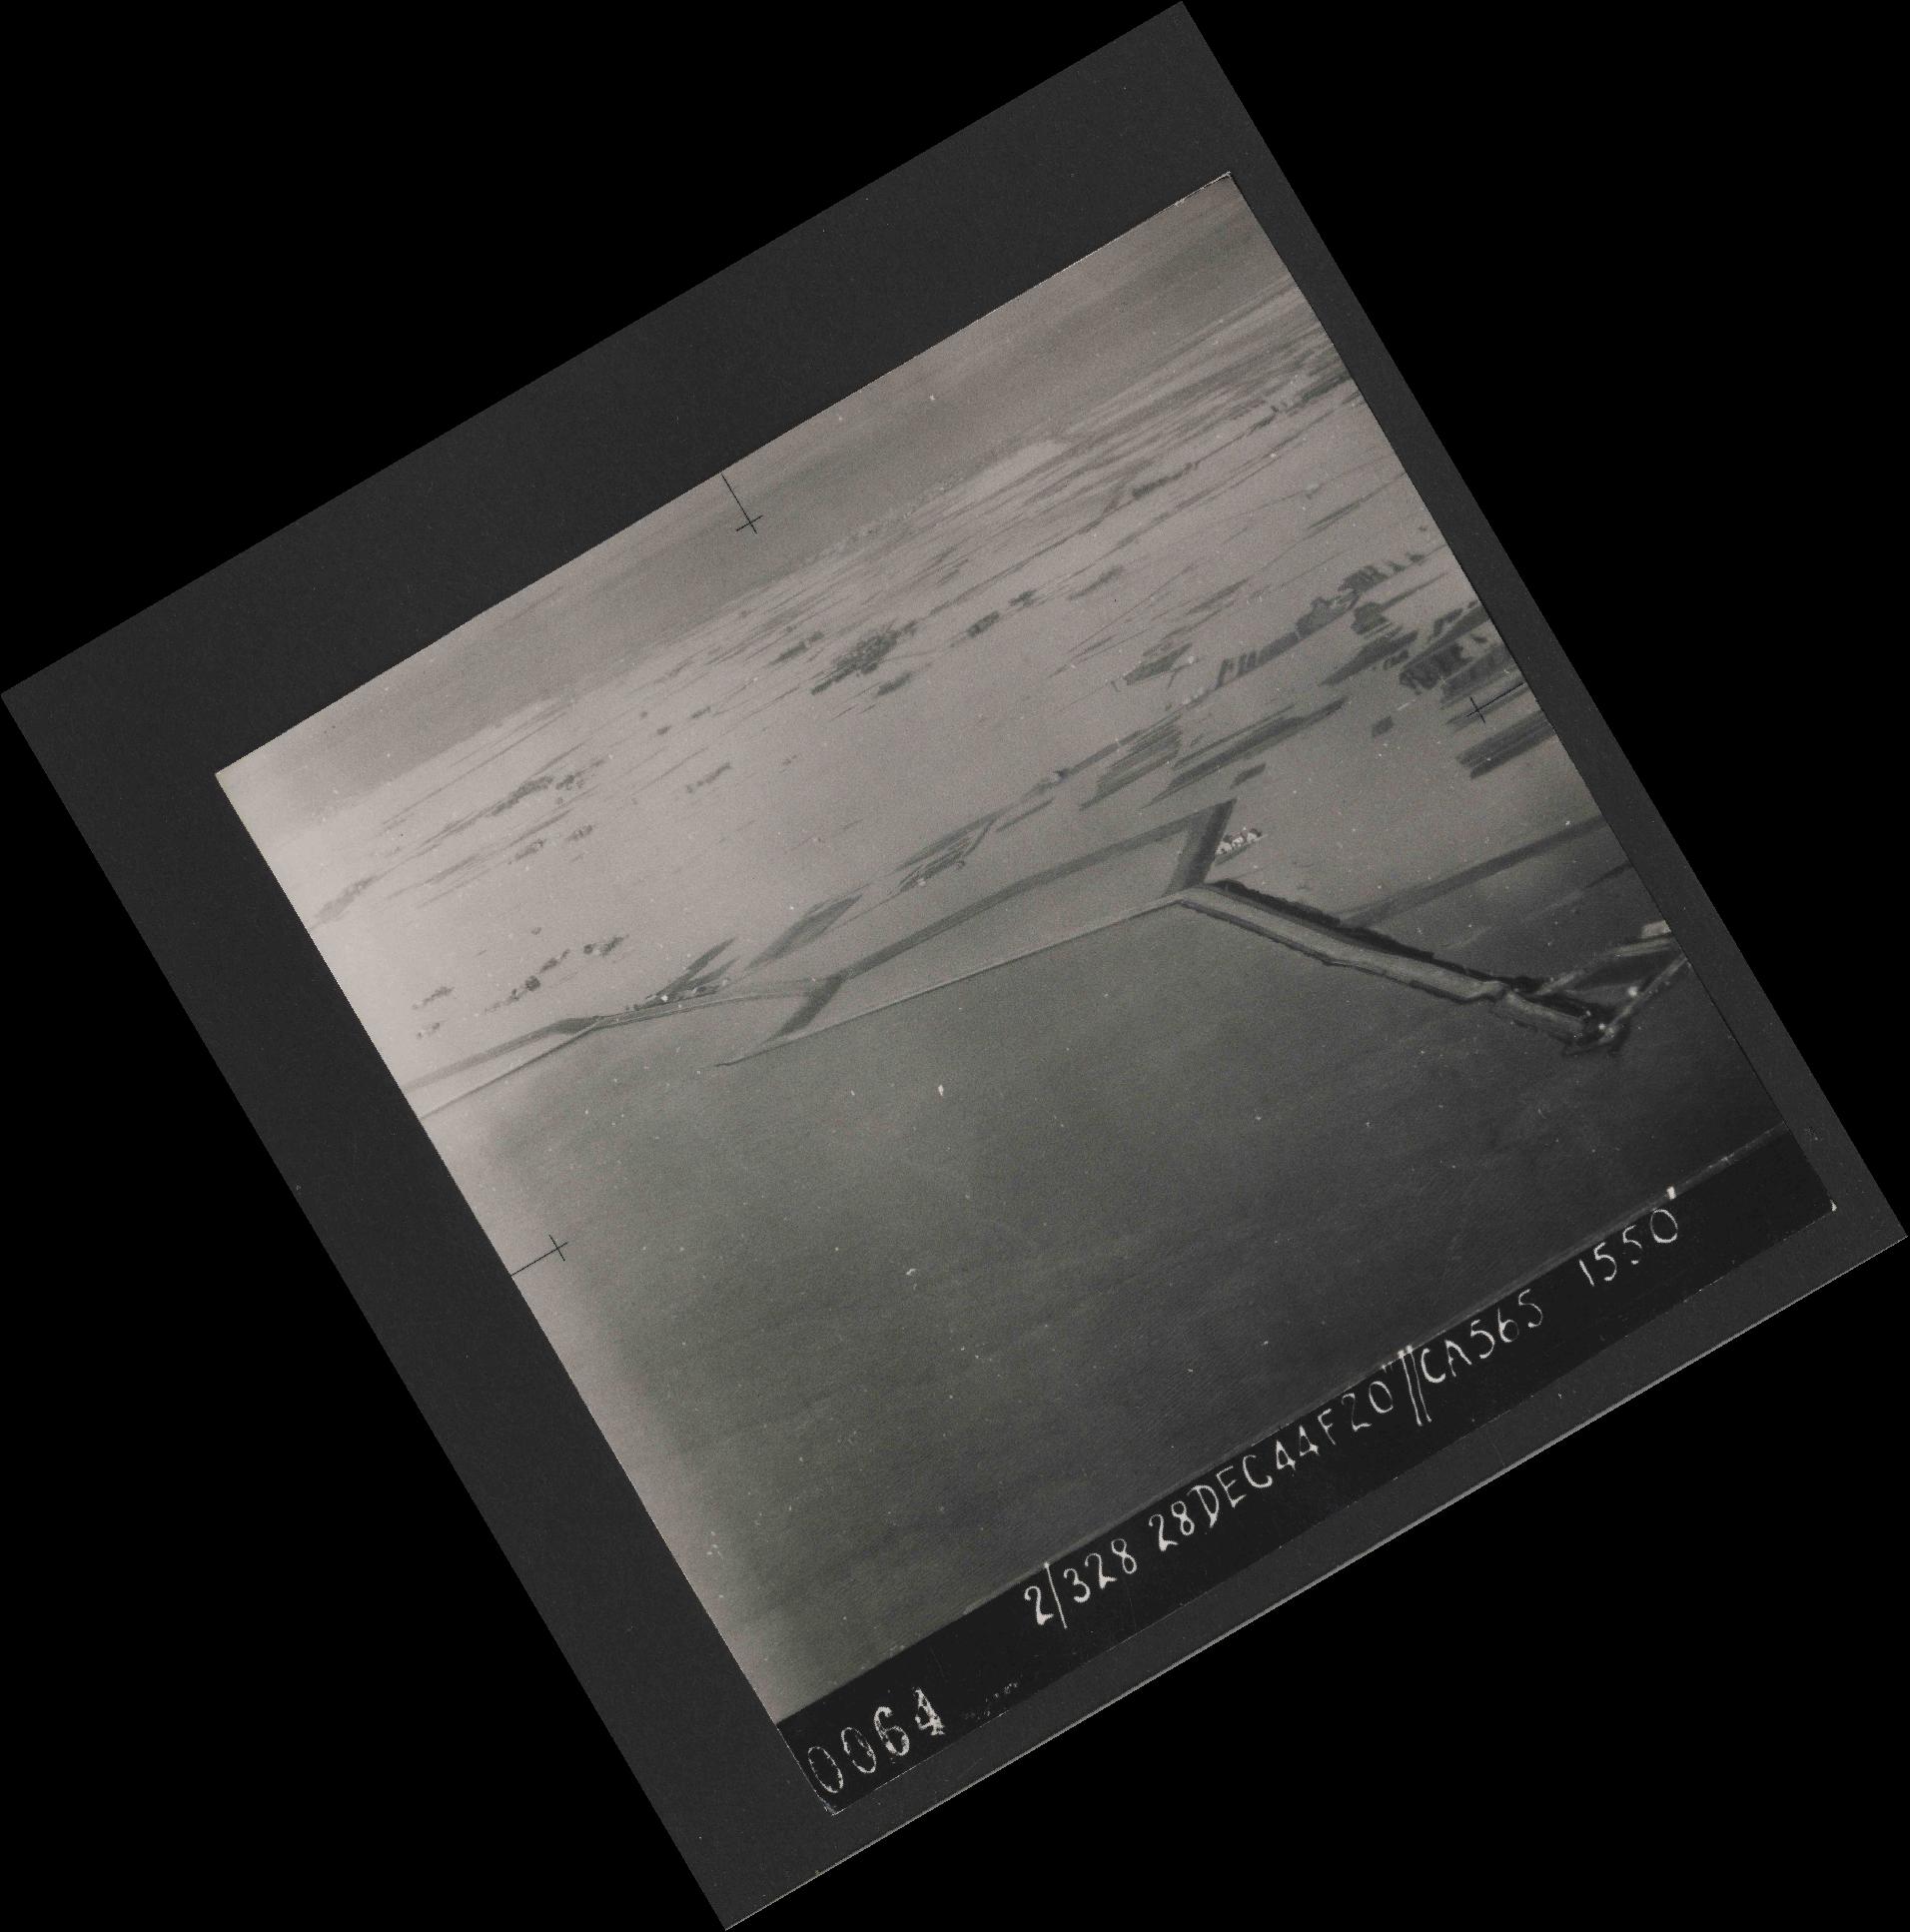 Collection RAF aerial photos 1940-1945 - flight 556, run 01, photo 0064